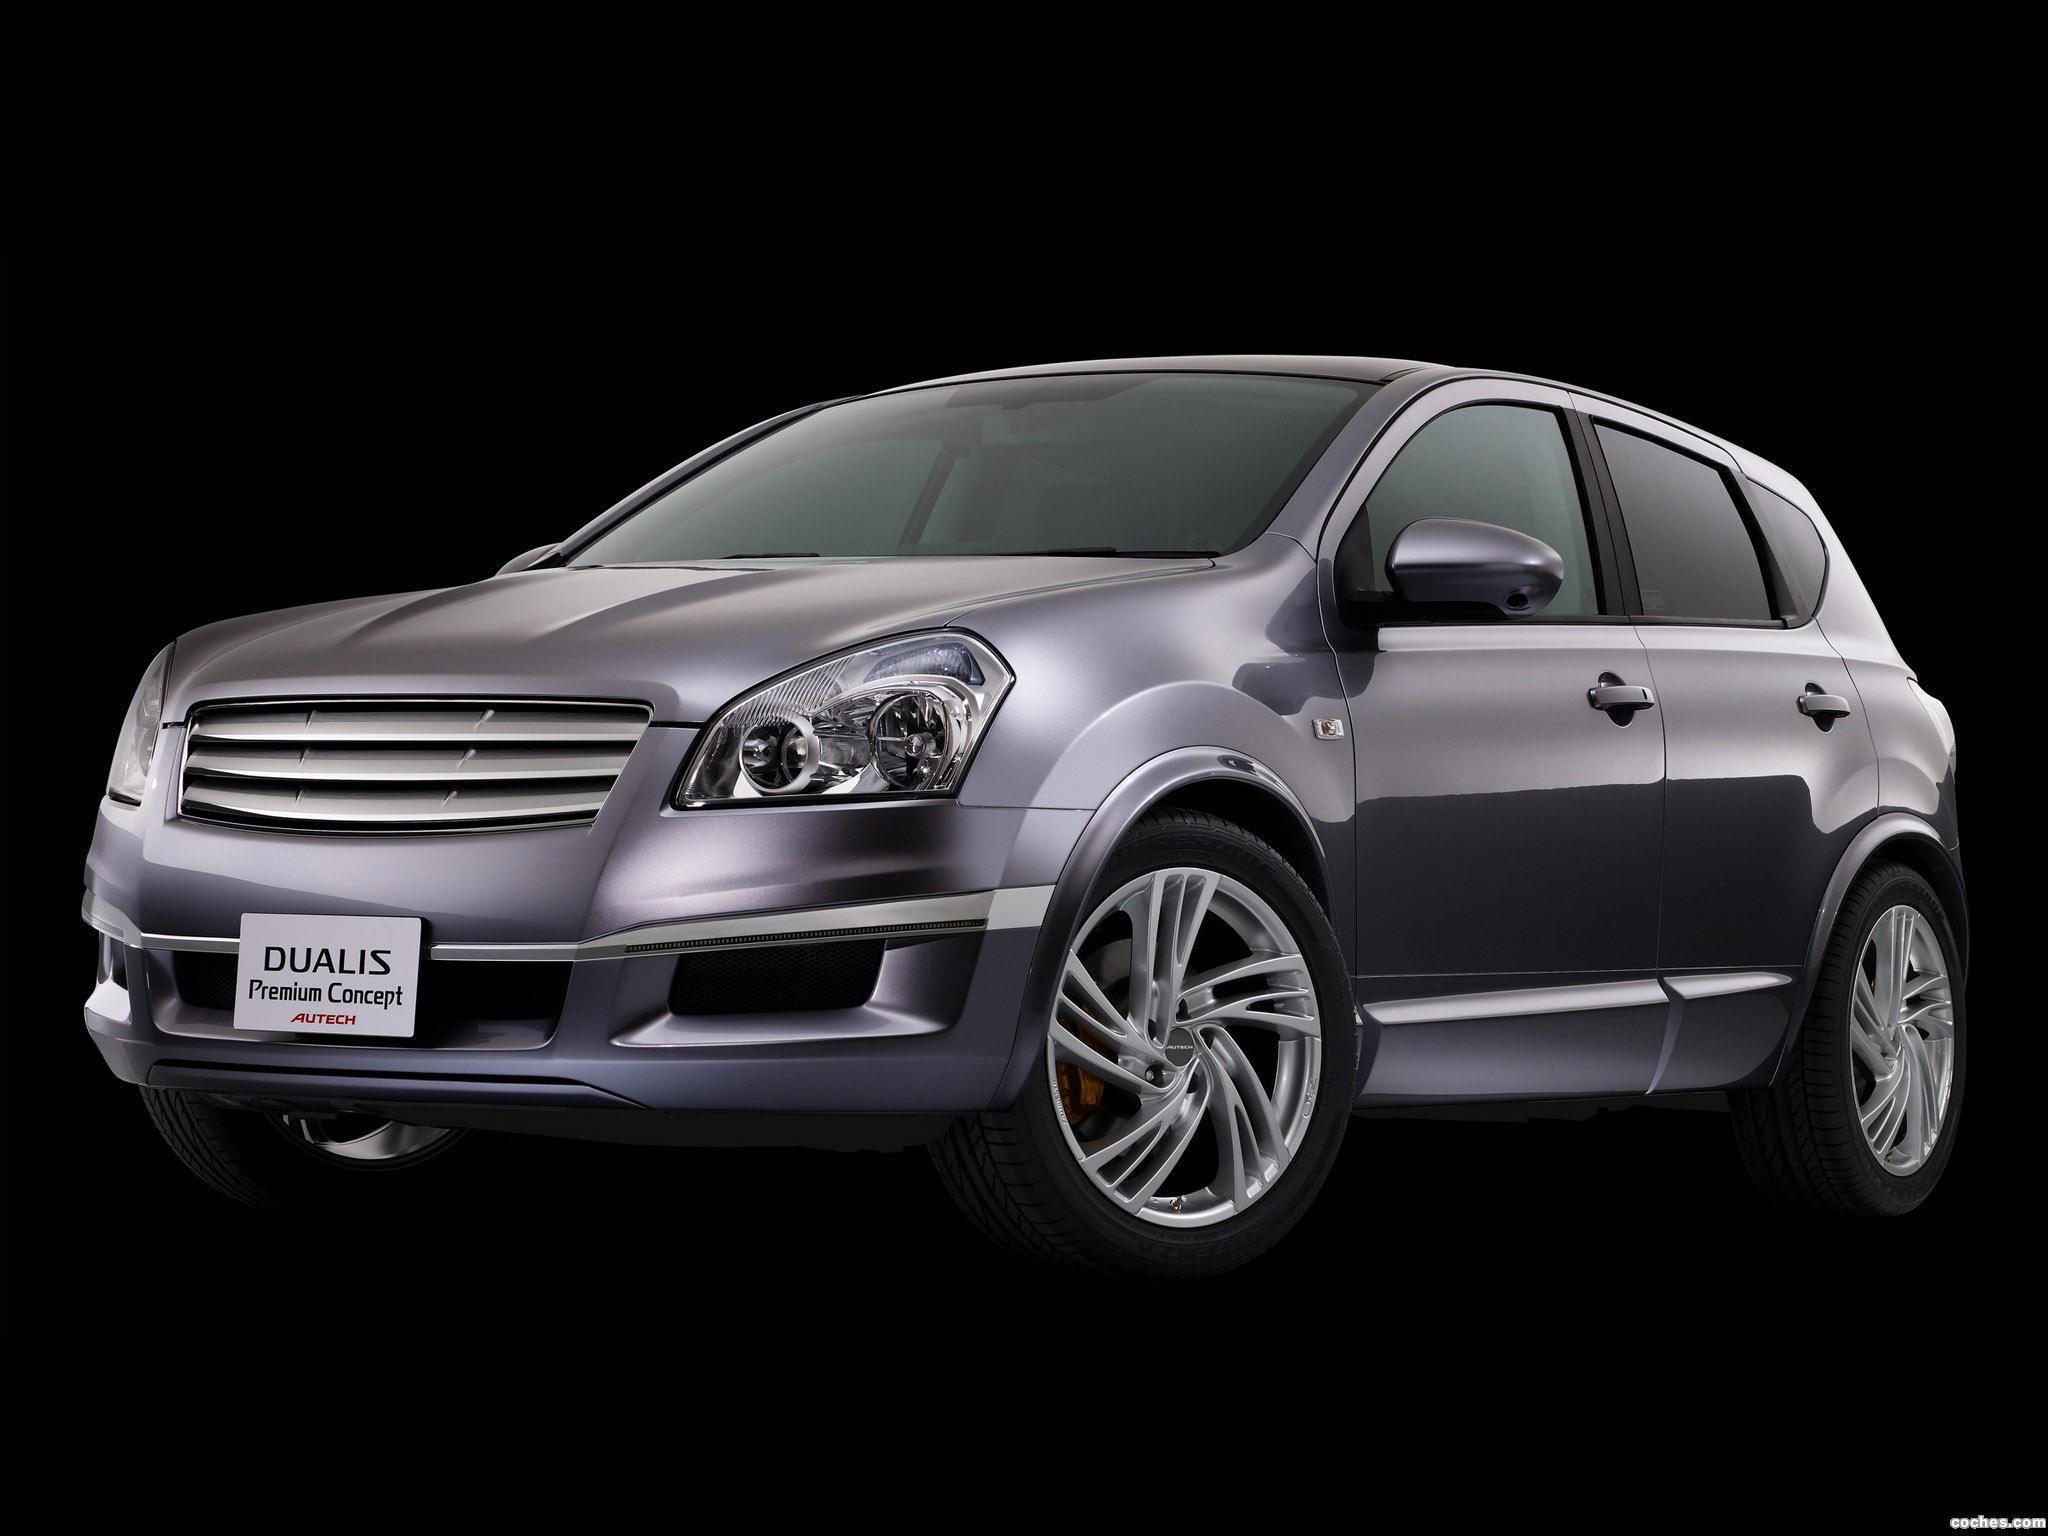 Foto 0 de Autech Nissan Dualis Premium Concept J10 2009